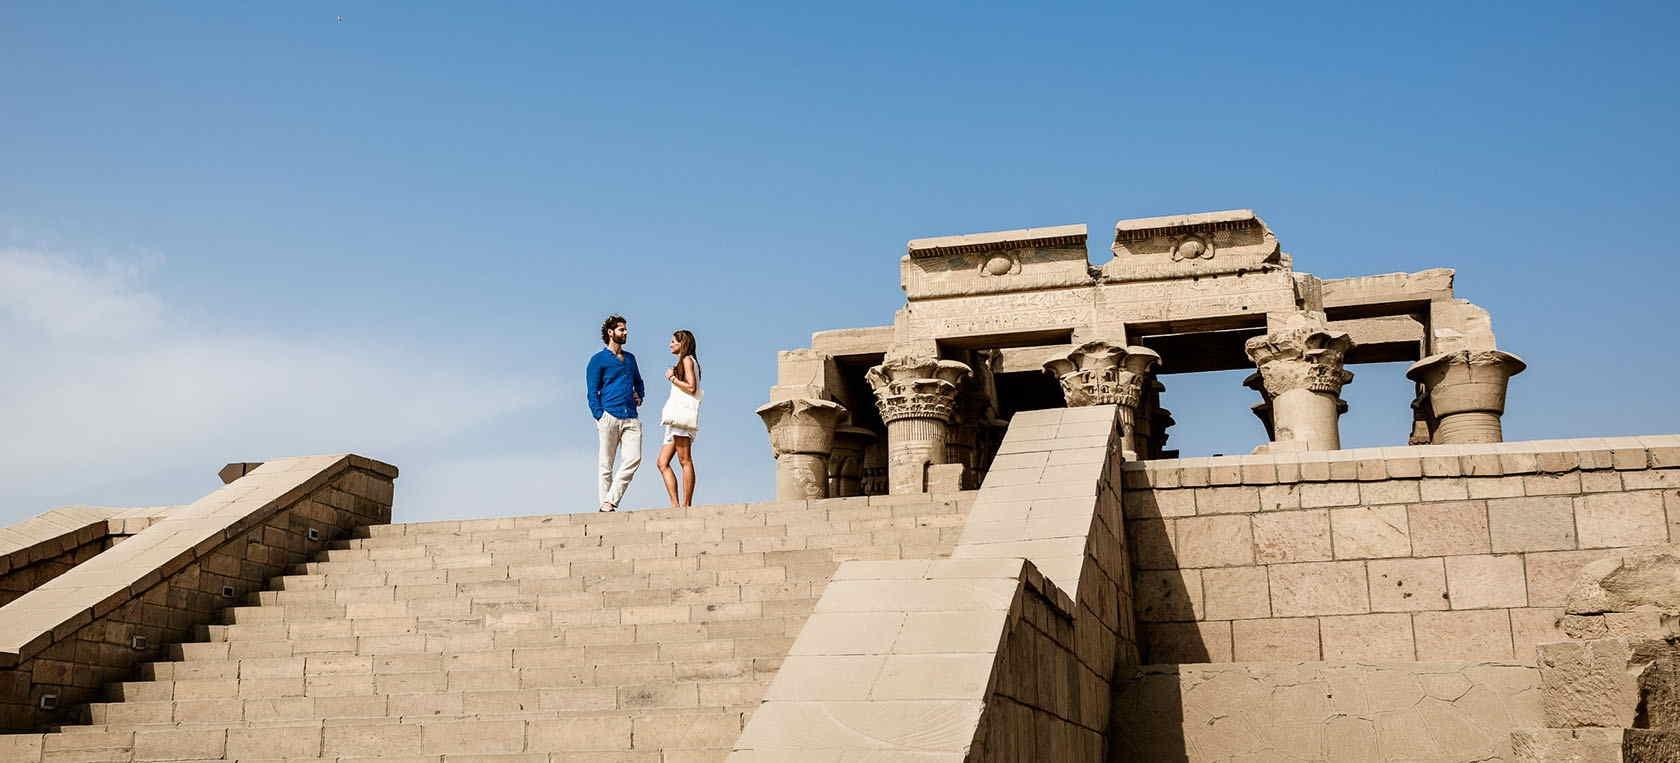 Luxury Nile Cruise | Egypt Nile Cruise Holiday | 5 Star Luxury